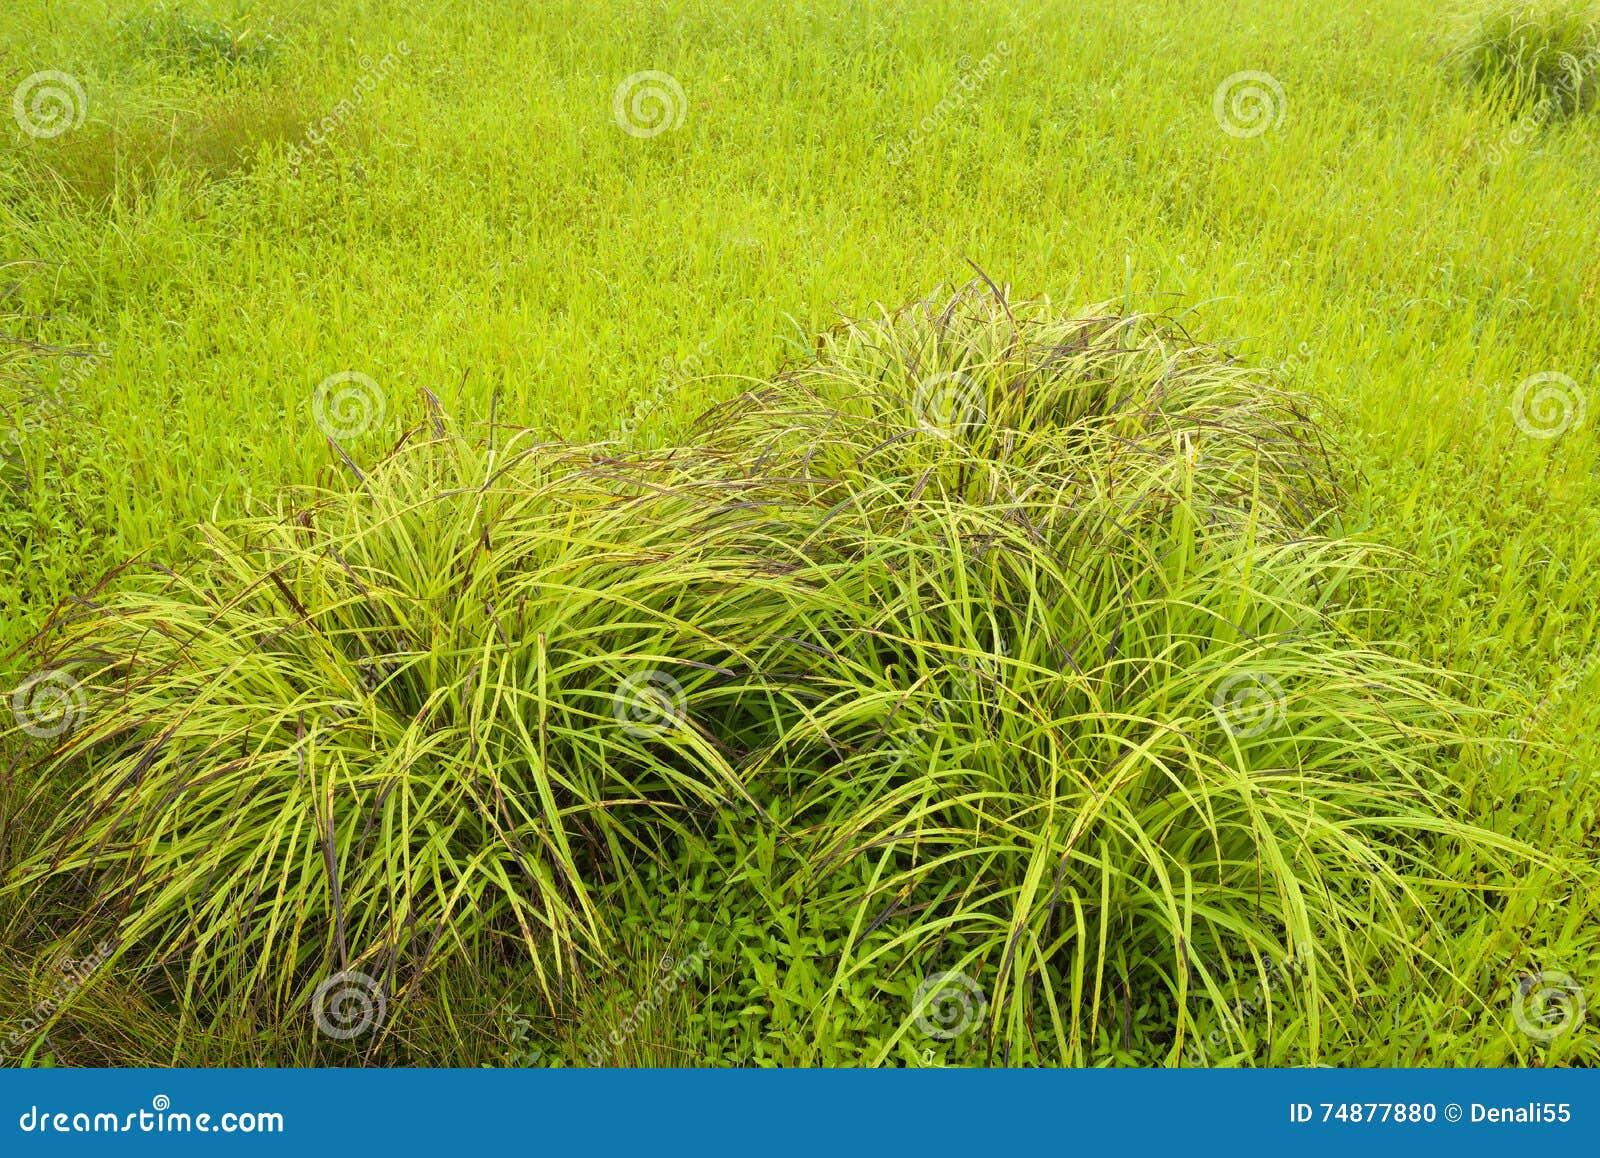 Gramas e groundcover no campo